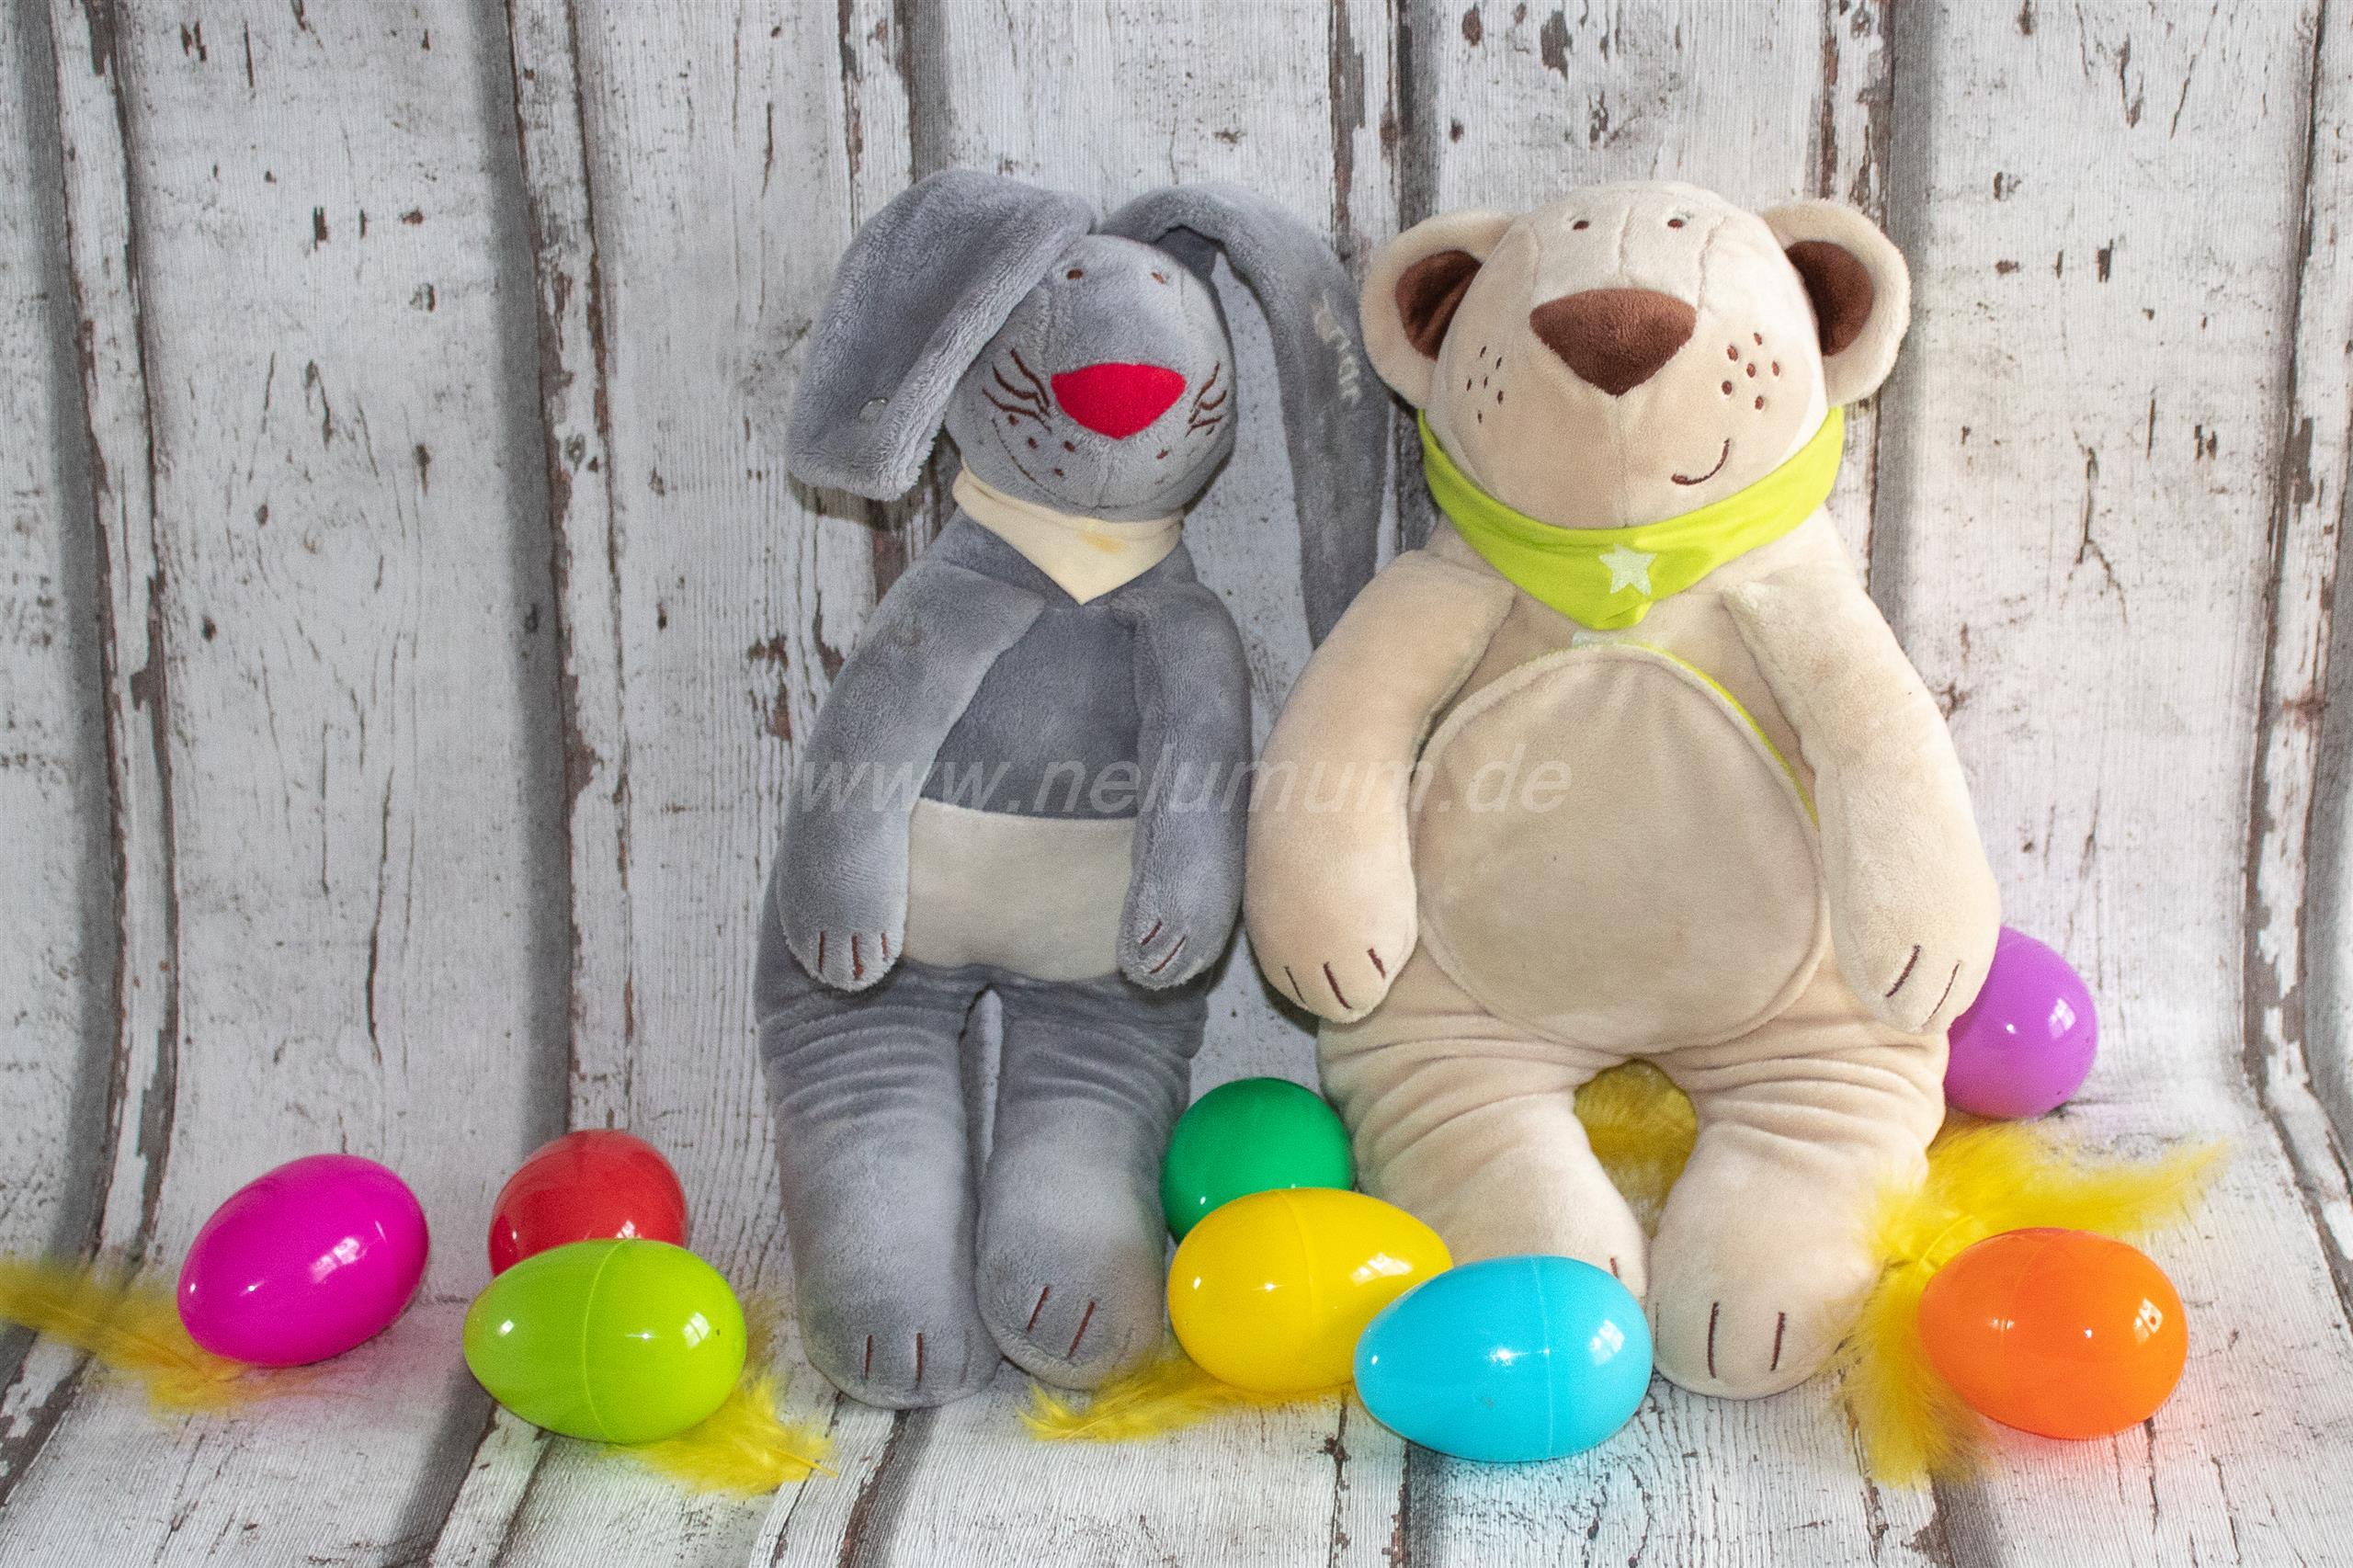 Fröhliche Ostern mit JAKO-O (Werbung)